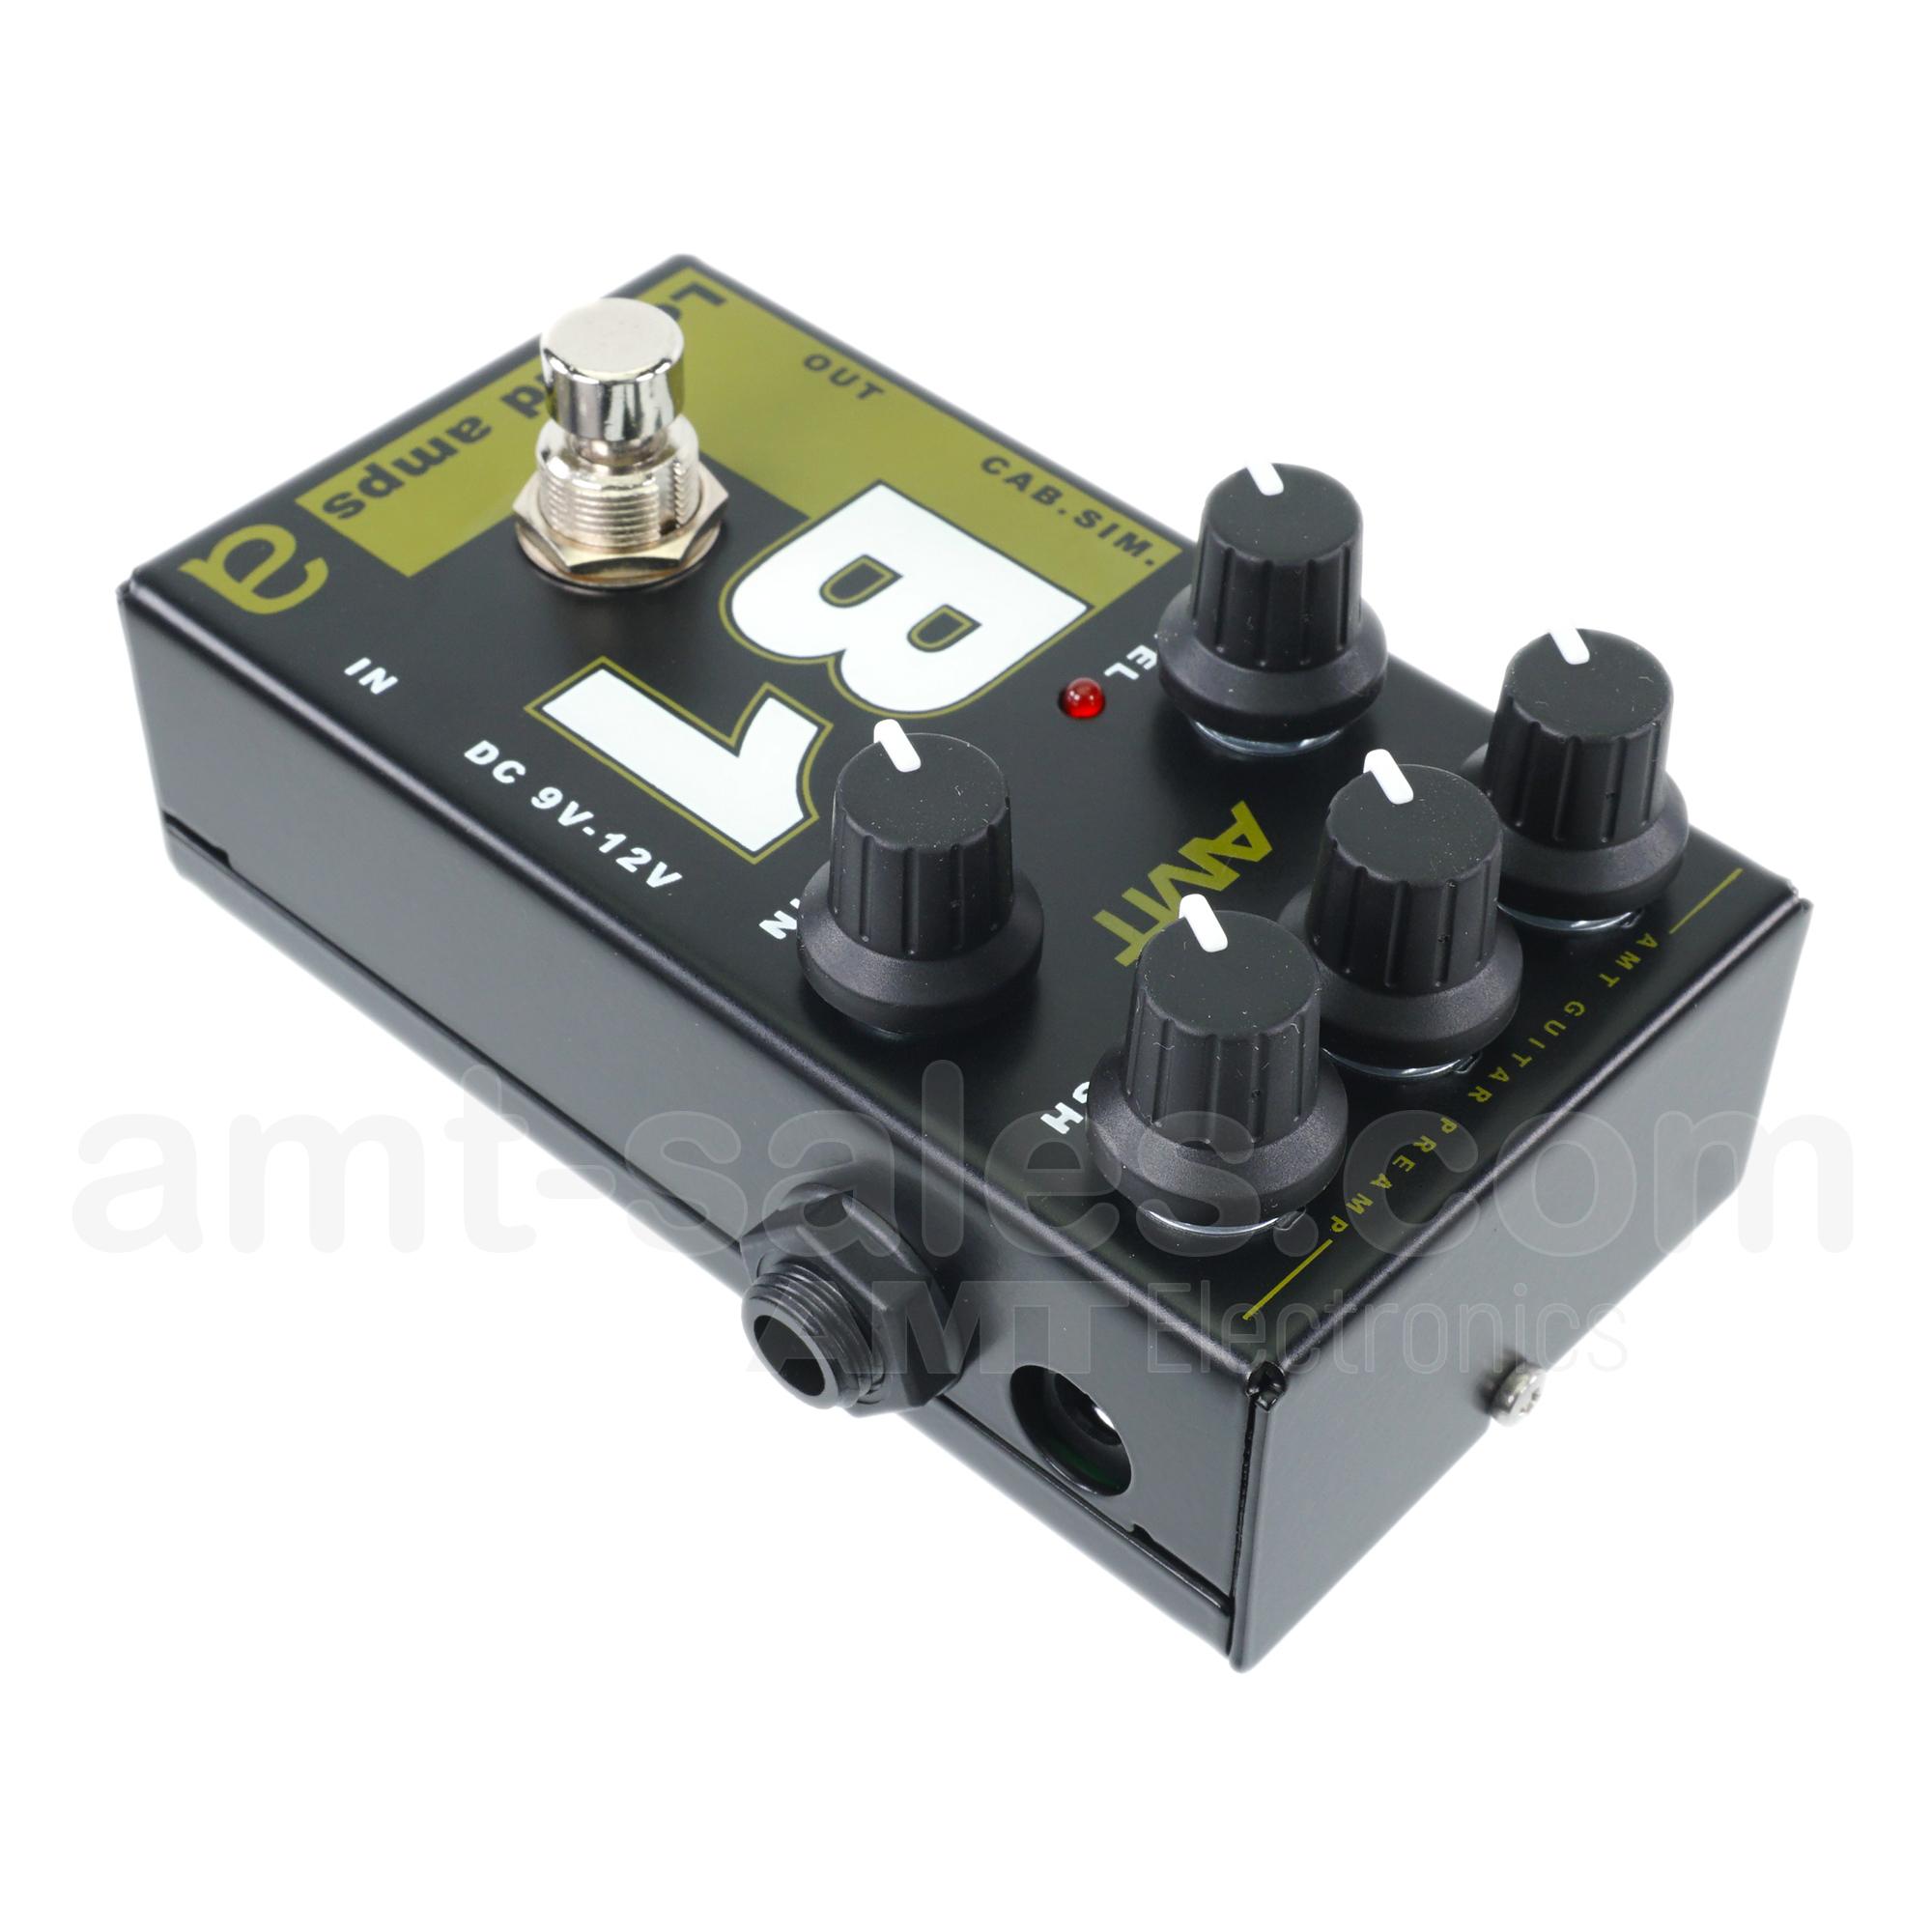 AMT B1 - JFET guitar preamp (1 channel) Bogner